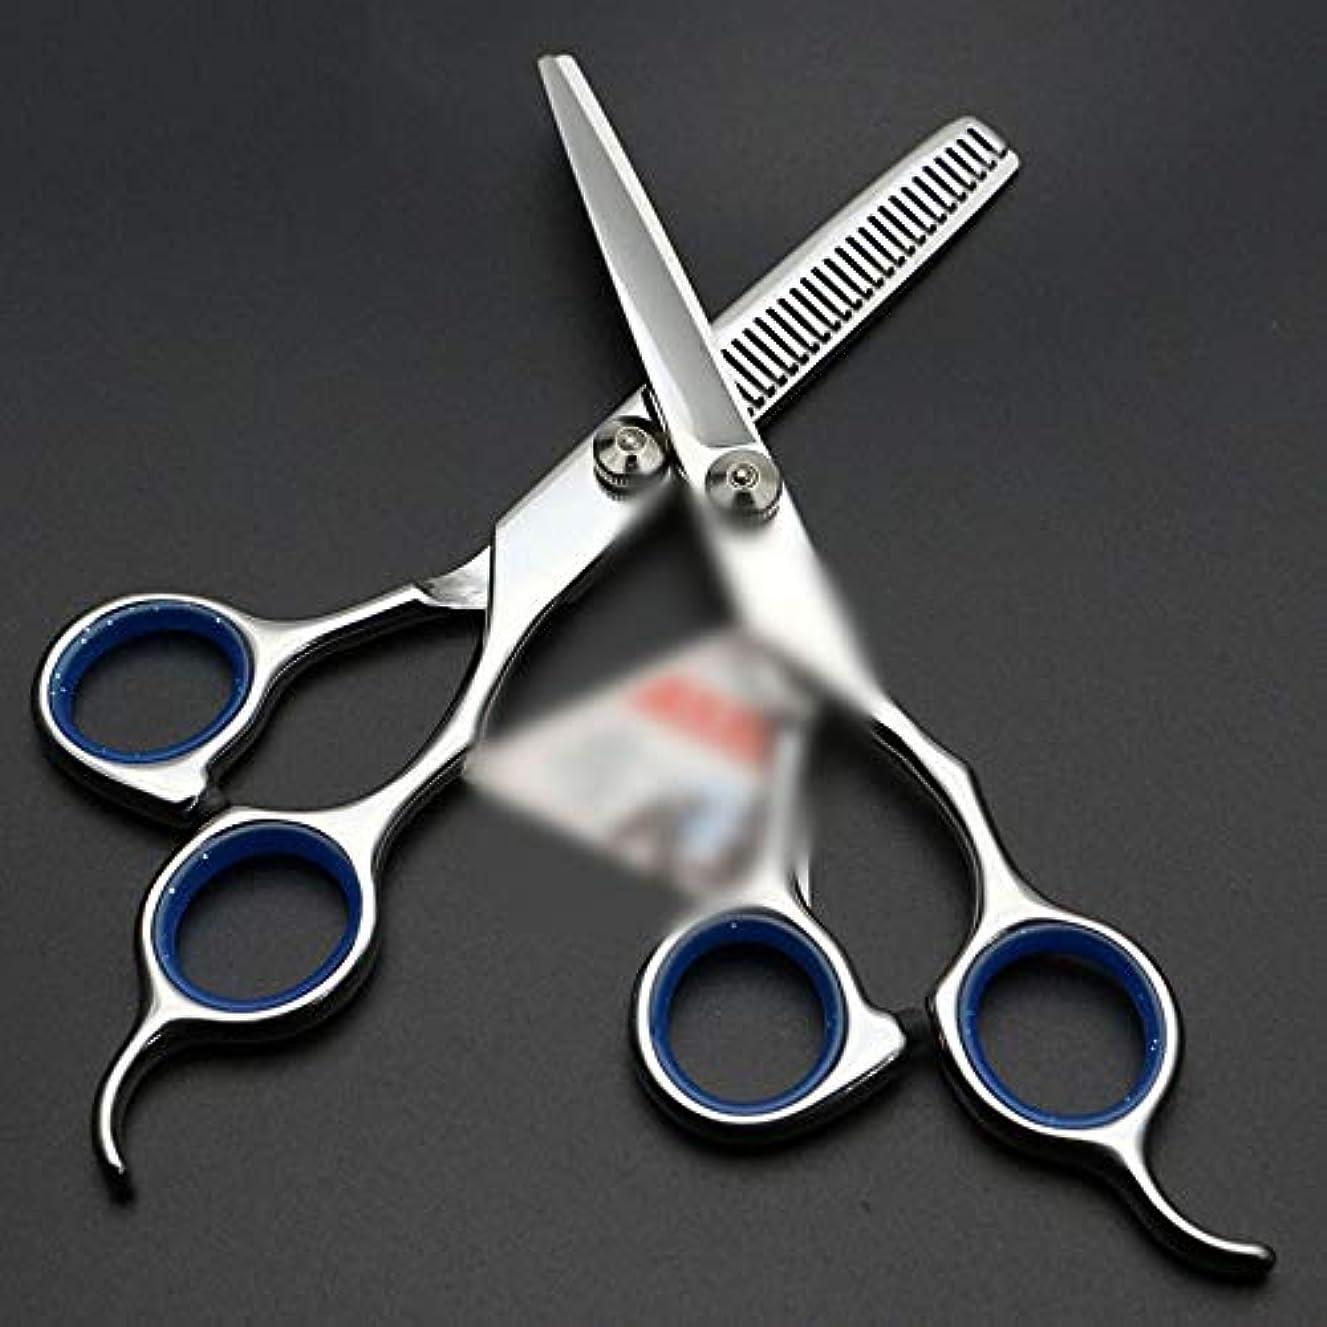 一掃するハムくさびBOBIDYEE 6インチ美容院プロフェッショナル理髪はさみセットヘアカットはさみステンレス理髪はさみ (色 : 青)